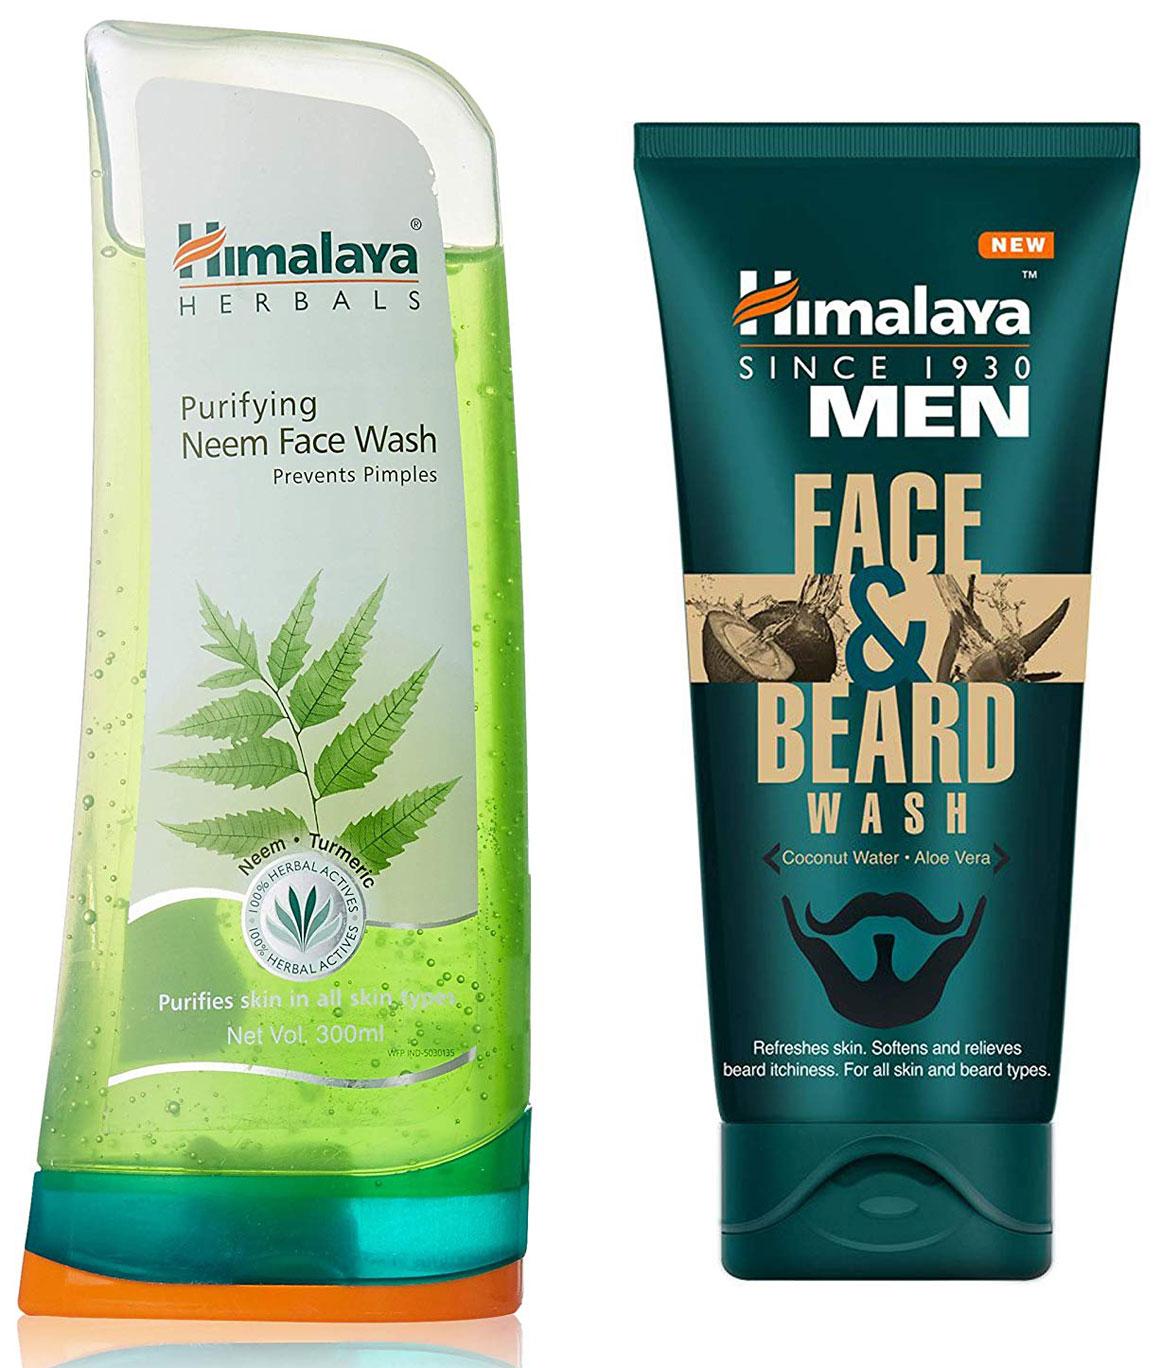 Himalaya Herbals Purifying Neem Face Wash 300ml and Himalaya Men Face And Beard Wash 80ml